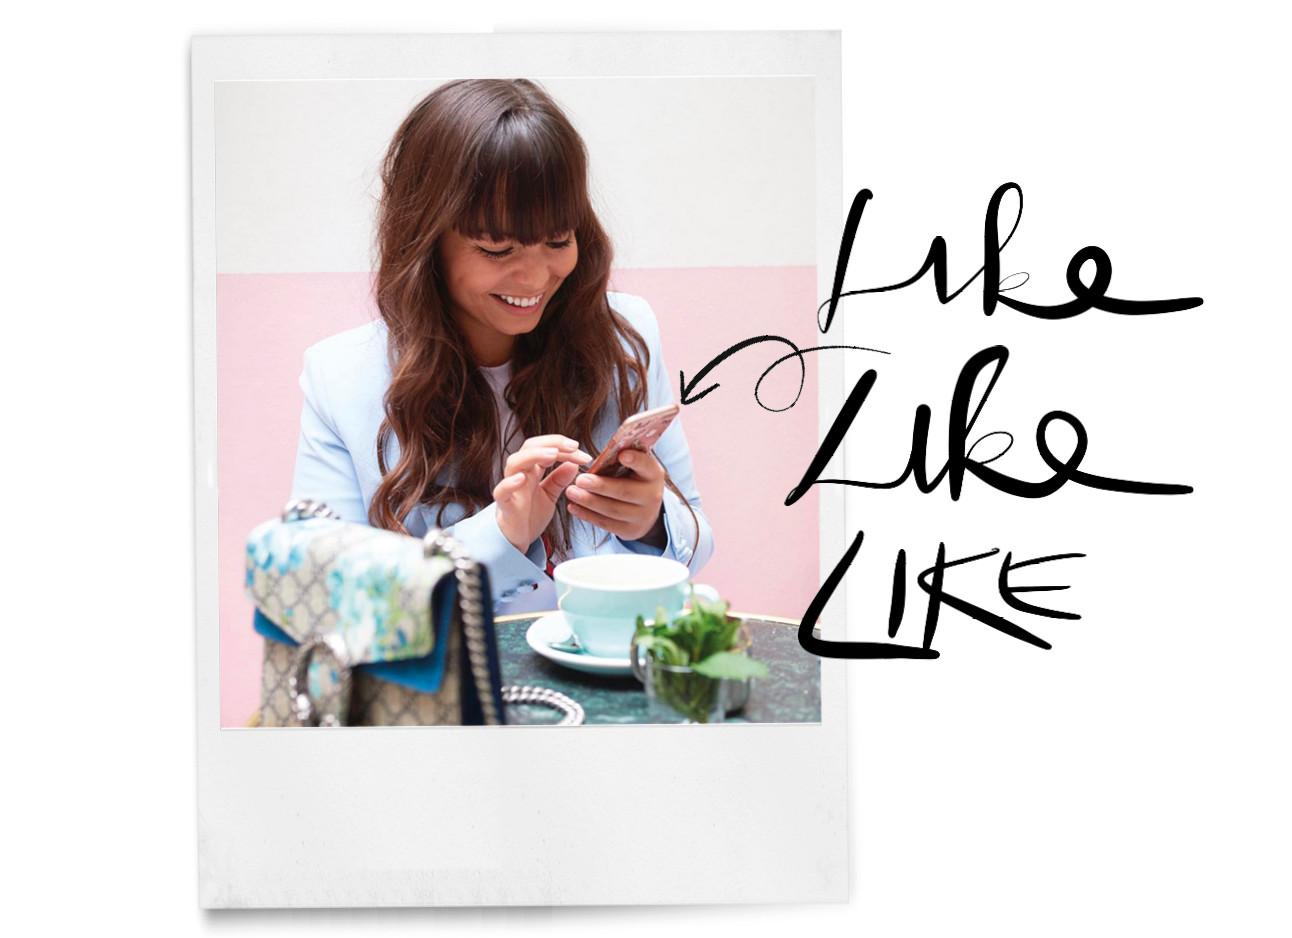 Kiki lachennd kijken naar haar iphone in Parijs op een terras